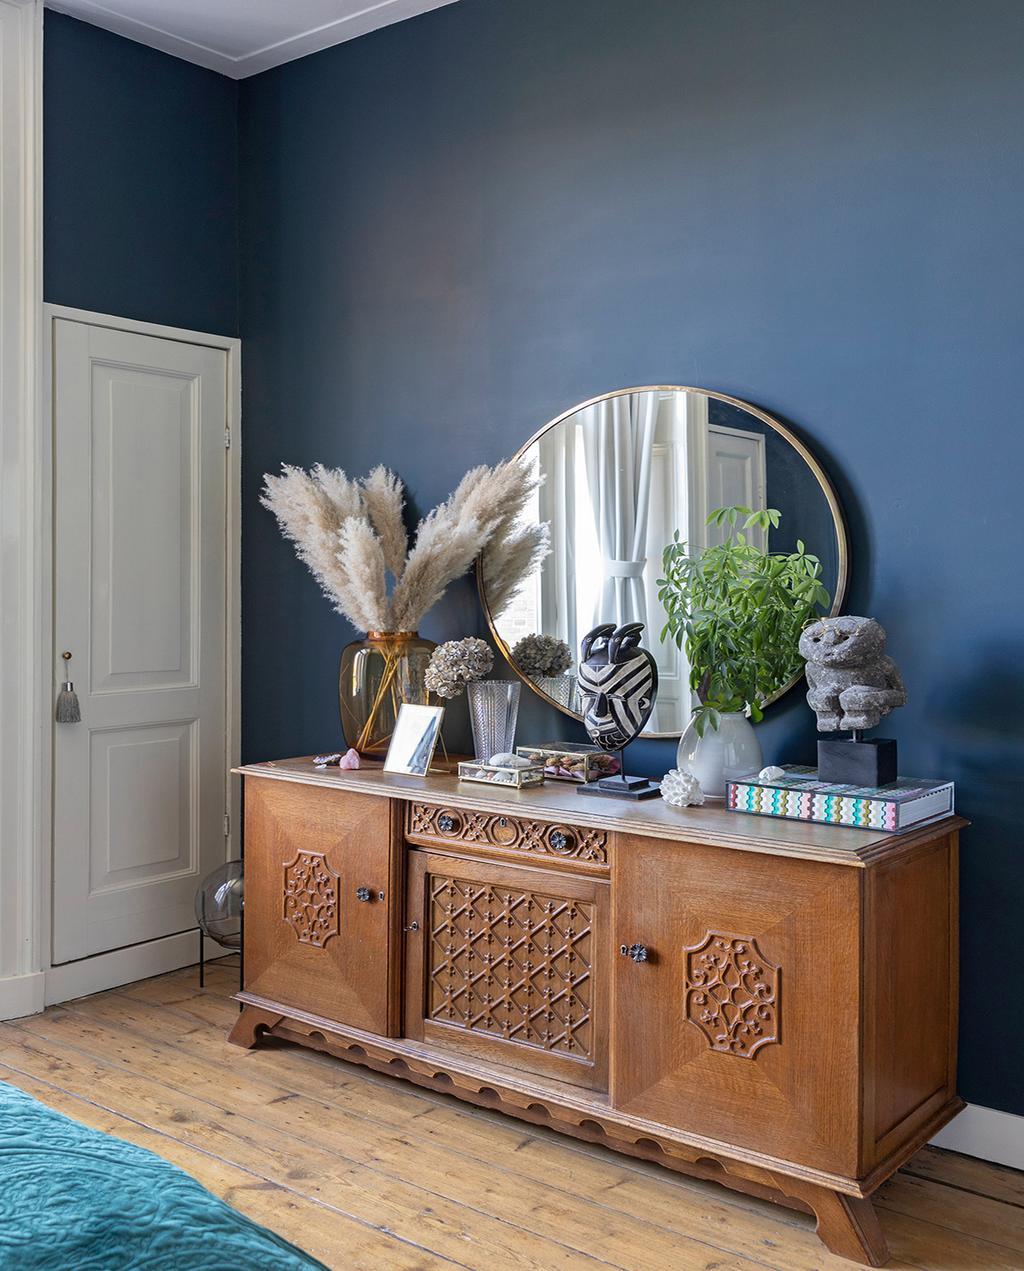 vtwonen 01-2021 | binnenkijken bij interior junkie houten kast met ronde spiegel en pluimen, blauw geverfde muur